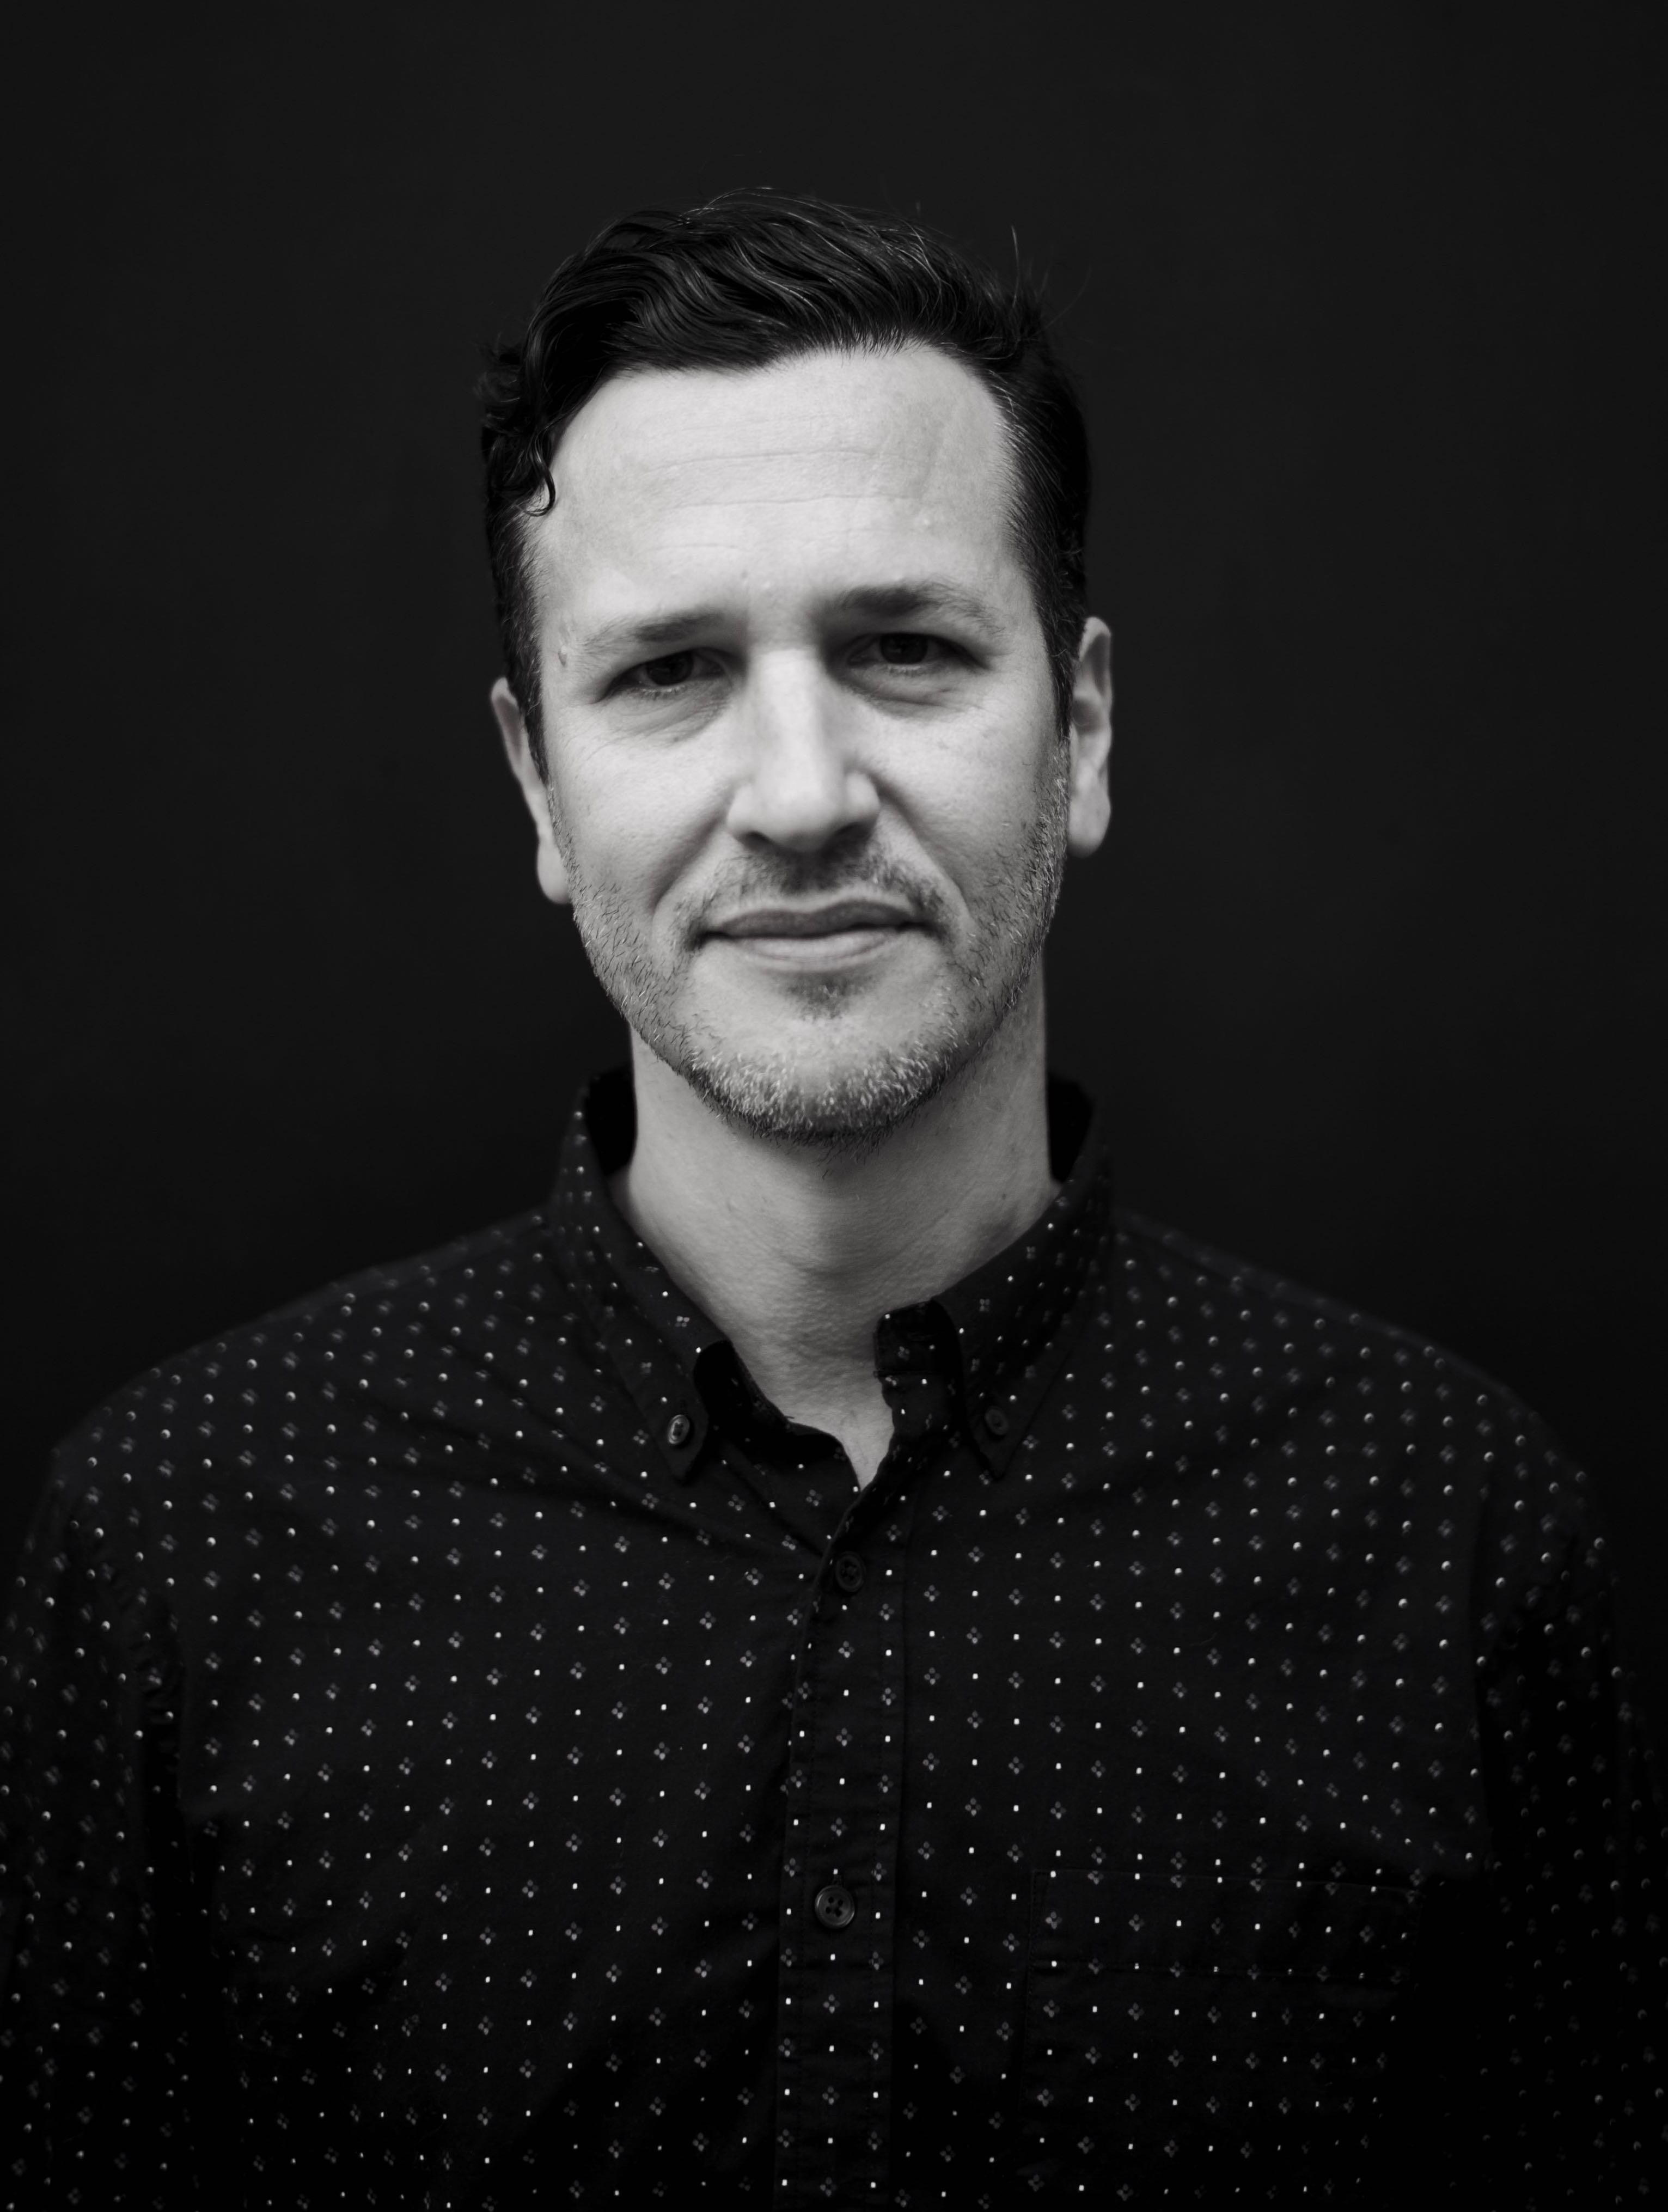 Jason Culbertson